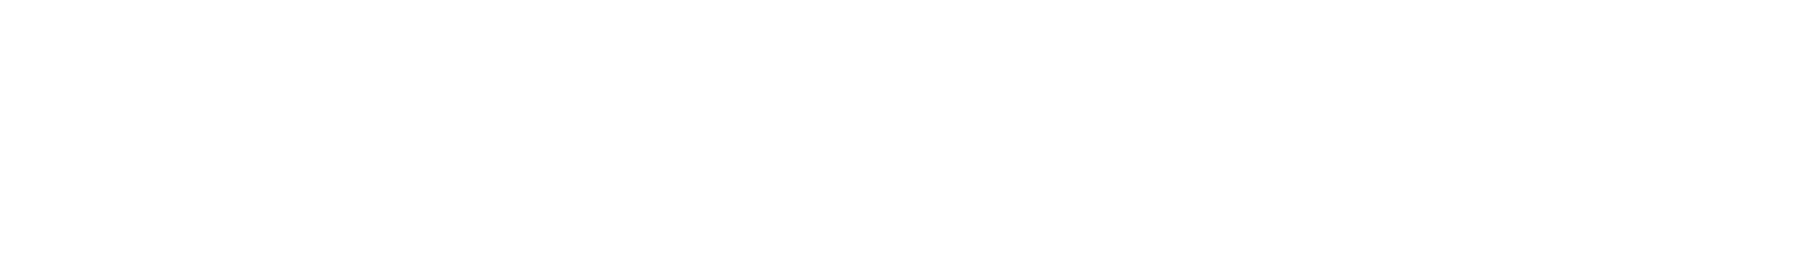 120 d clavinet vkeys 02 1